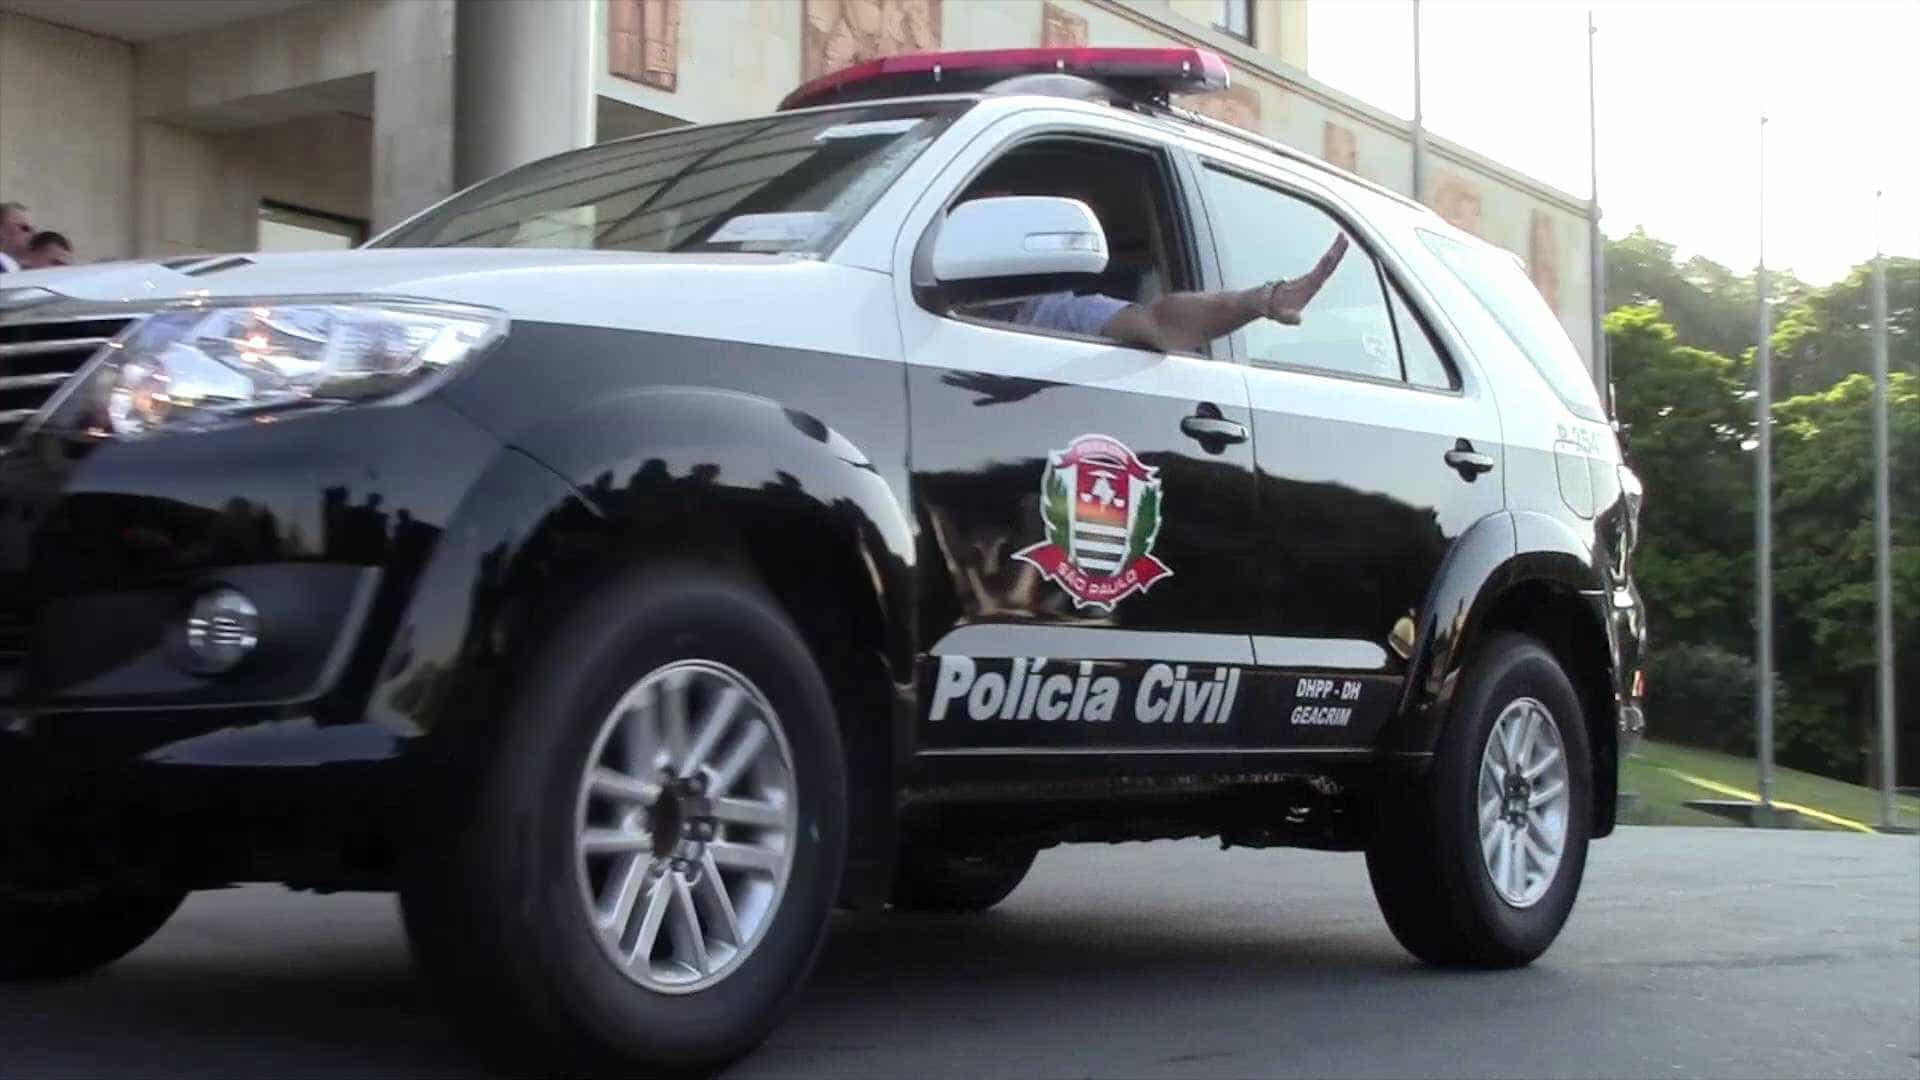 Polícia apura sumiço de 600 kg de droga trocados por cal e madeira